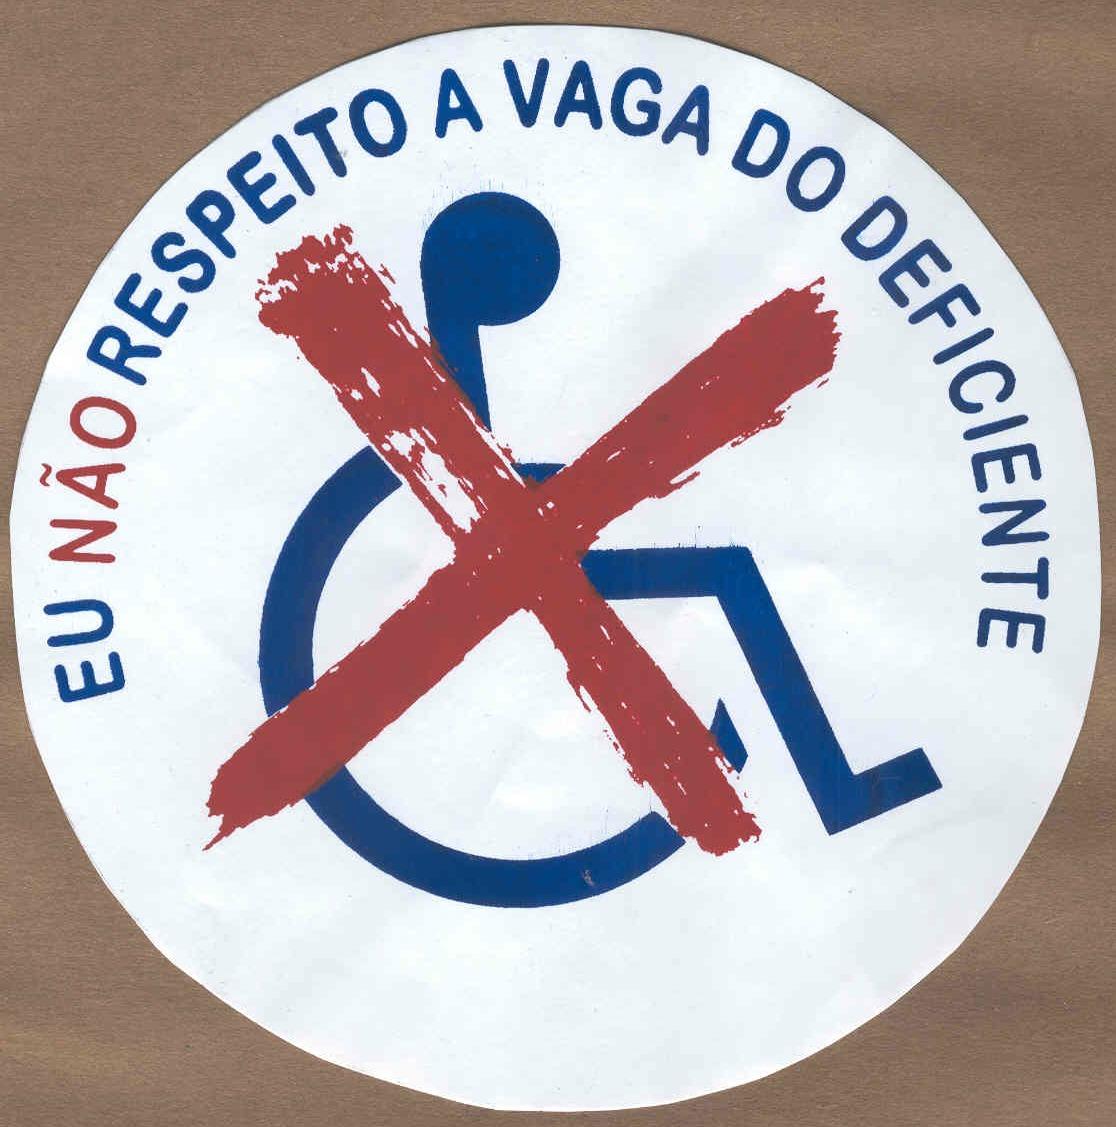 Adesivo Para Geladeira De Kombi ~ Pessoa com defici u00eancia defende a sua vaga Portogente